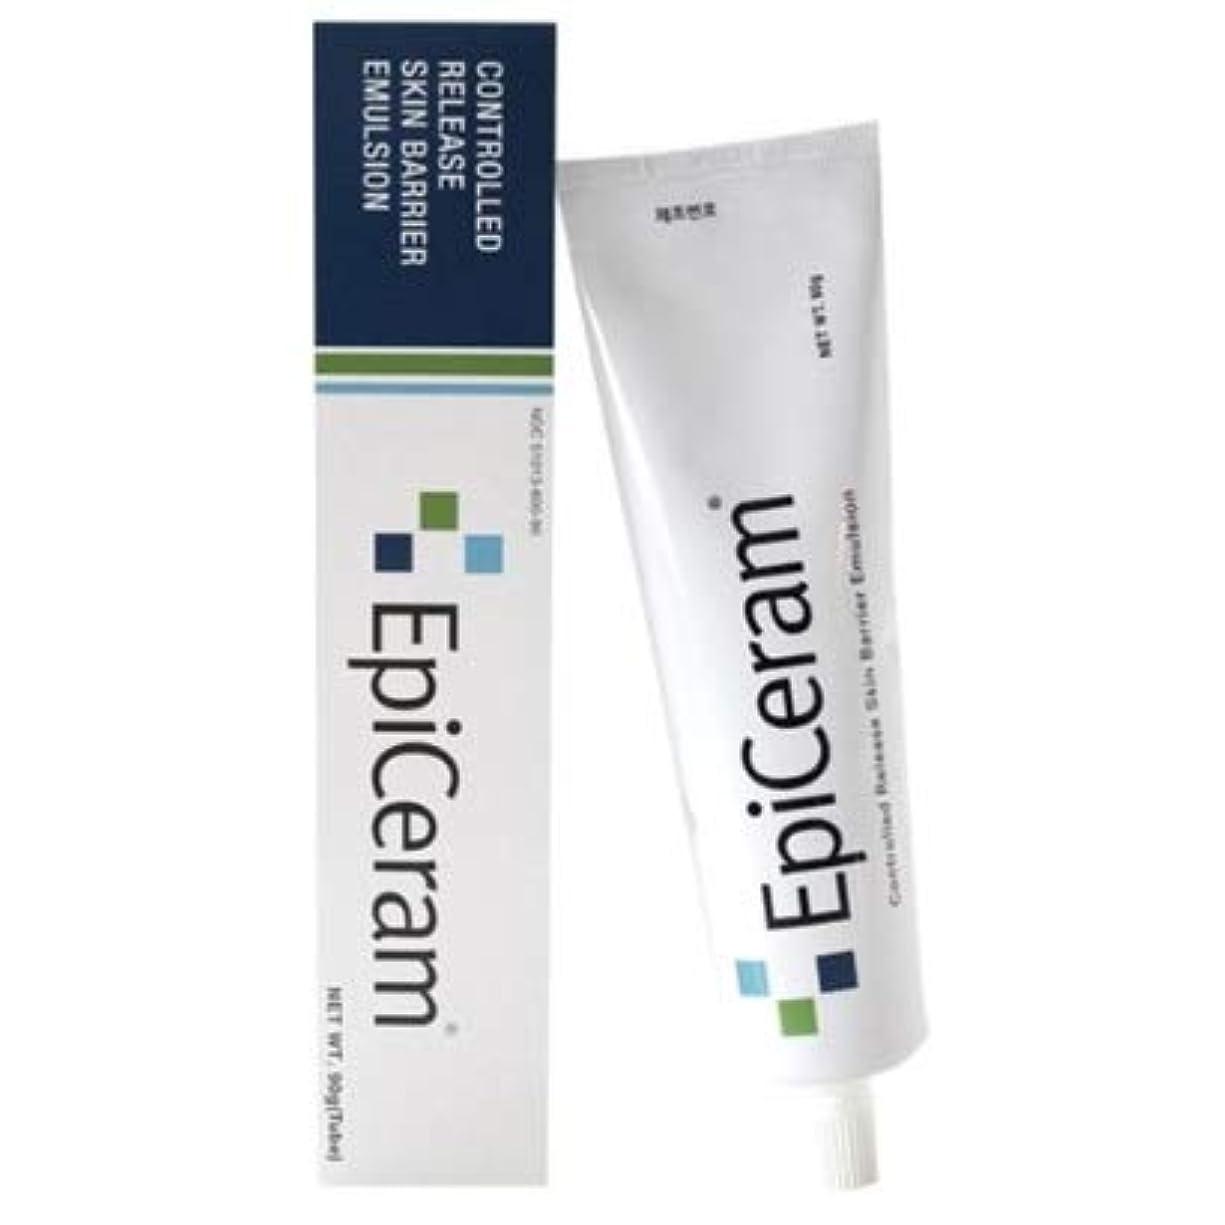 賄賂嫌い行う[Epiceram]日本発売記念セール(1000円割)! [ 非ステロイド/安全なアトピー1次治療剤-米FDA承認 ] Epiceram エッピセラム 90g. Skin Barrier Emulsion. X Mask...